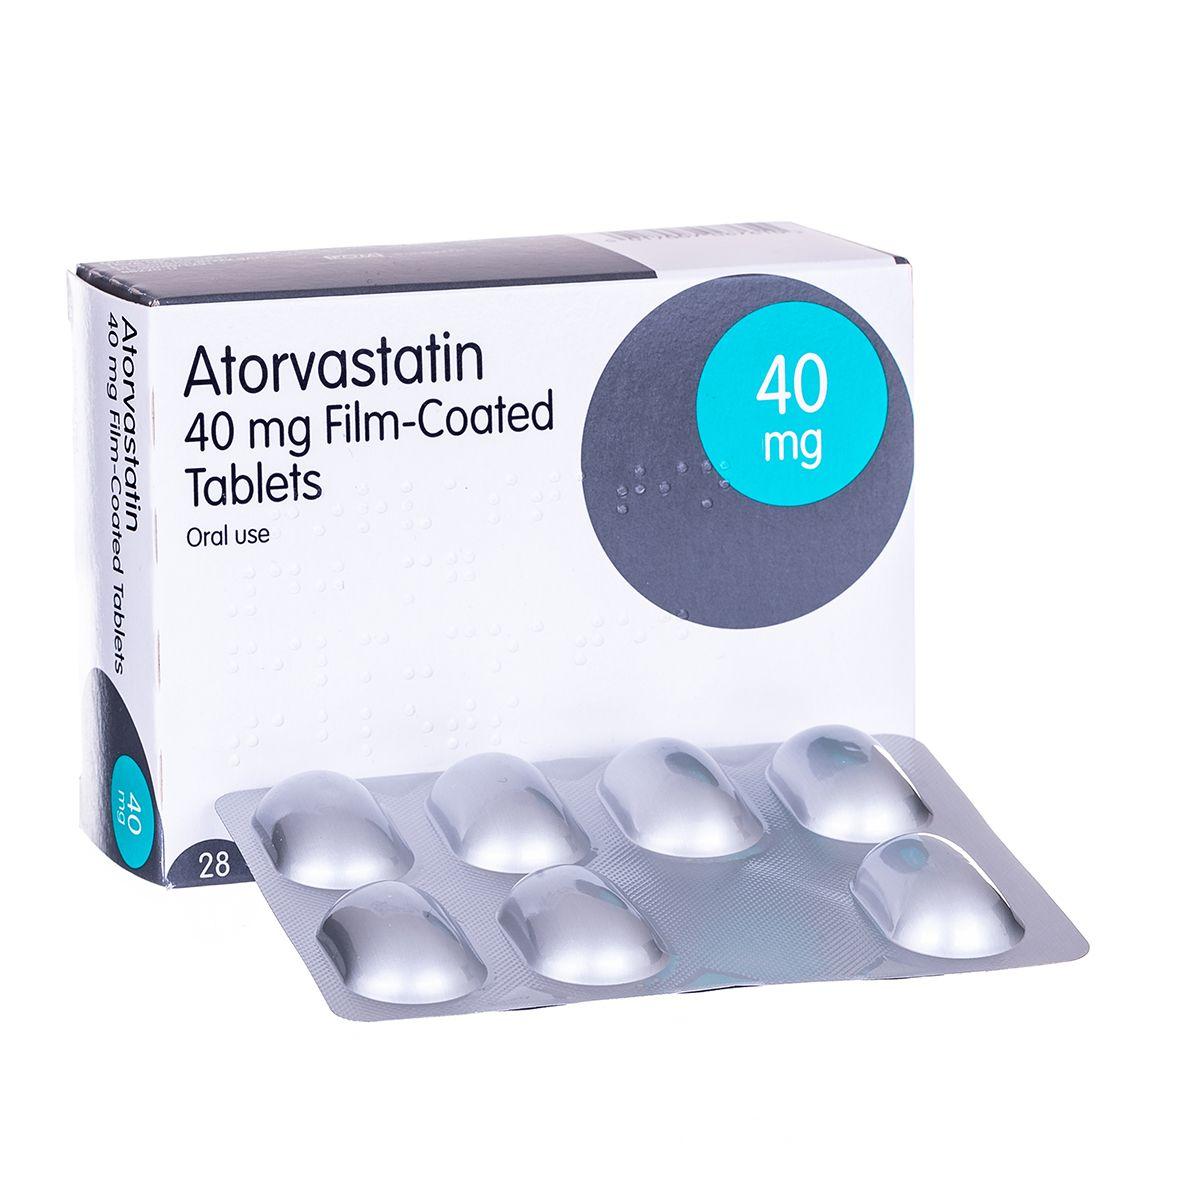 دواء atorvastatin